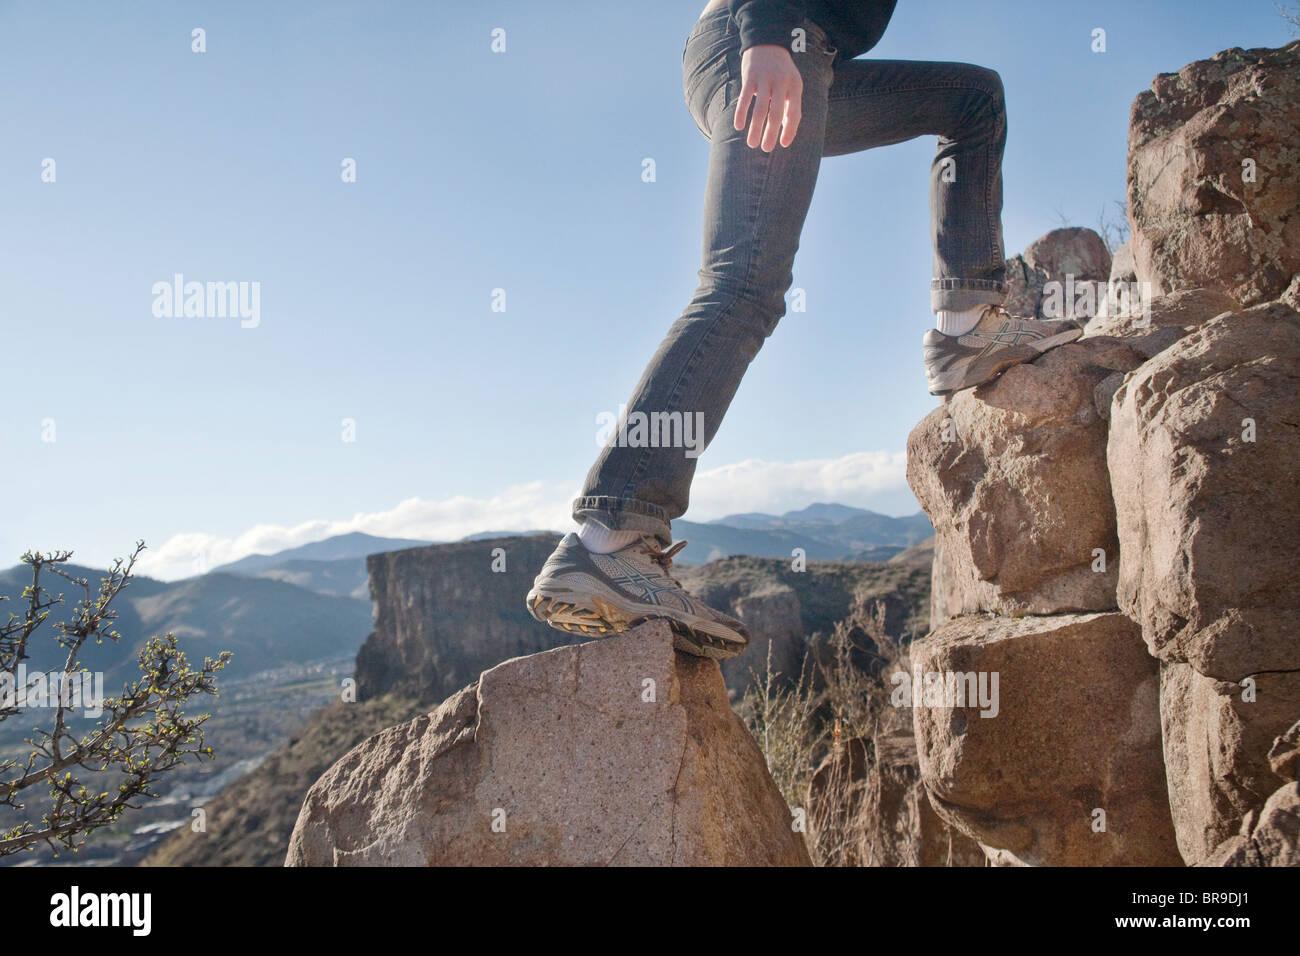 La donna si arrampica su rocceFoto Stock